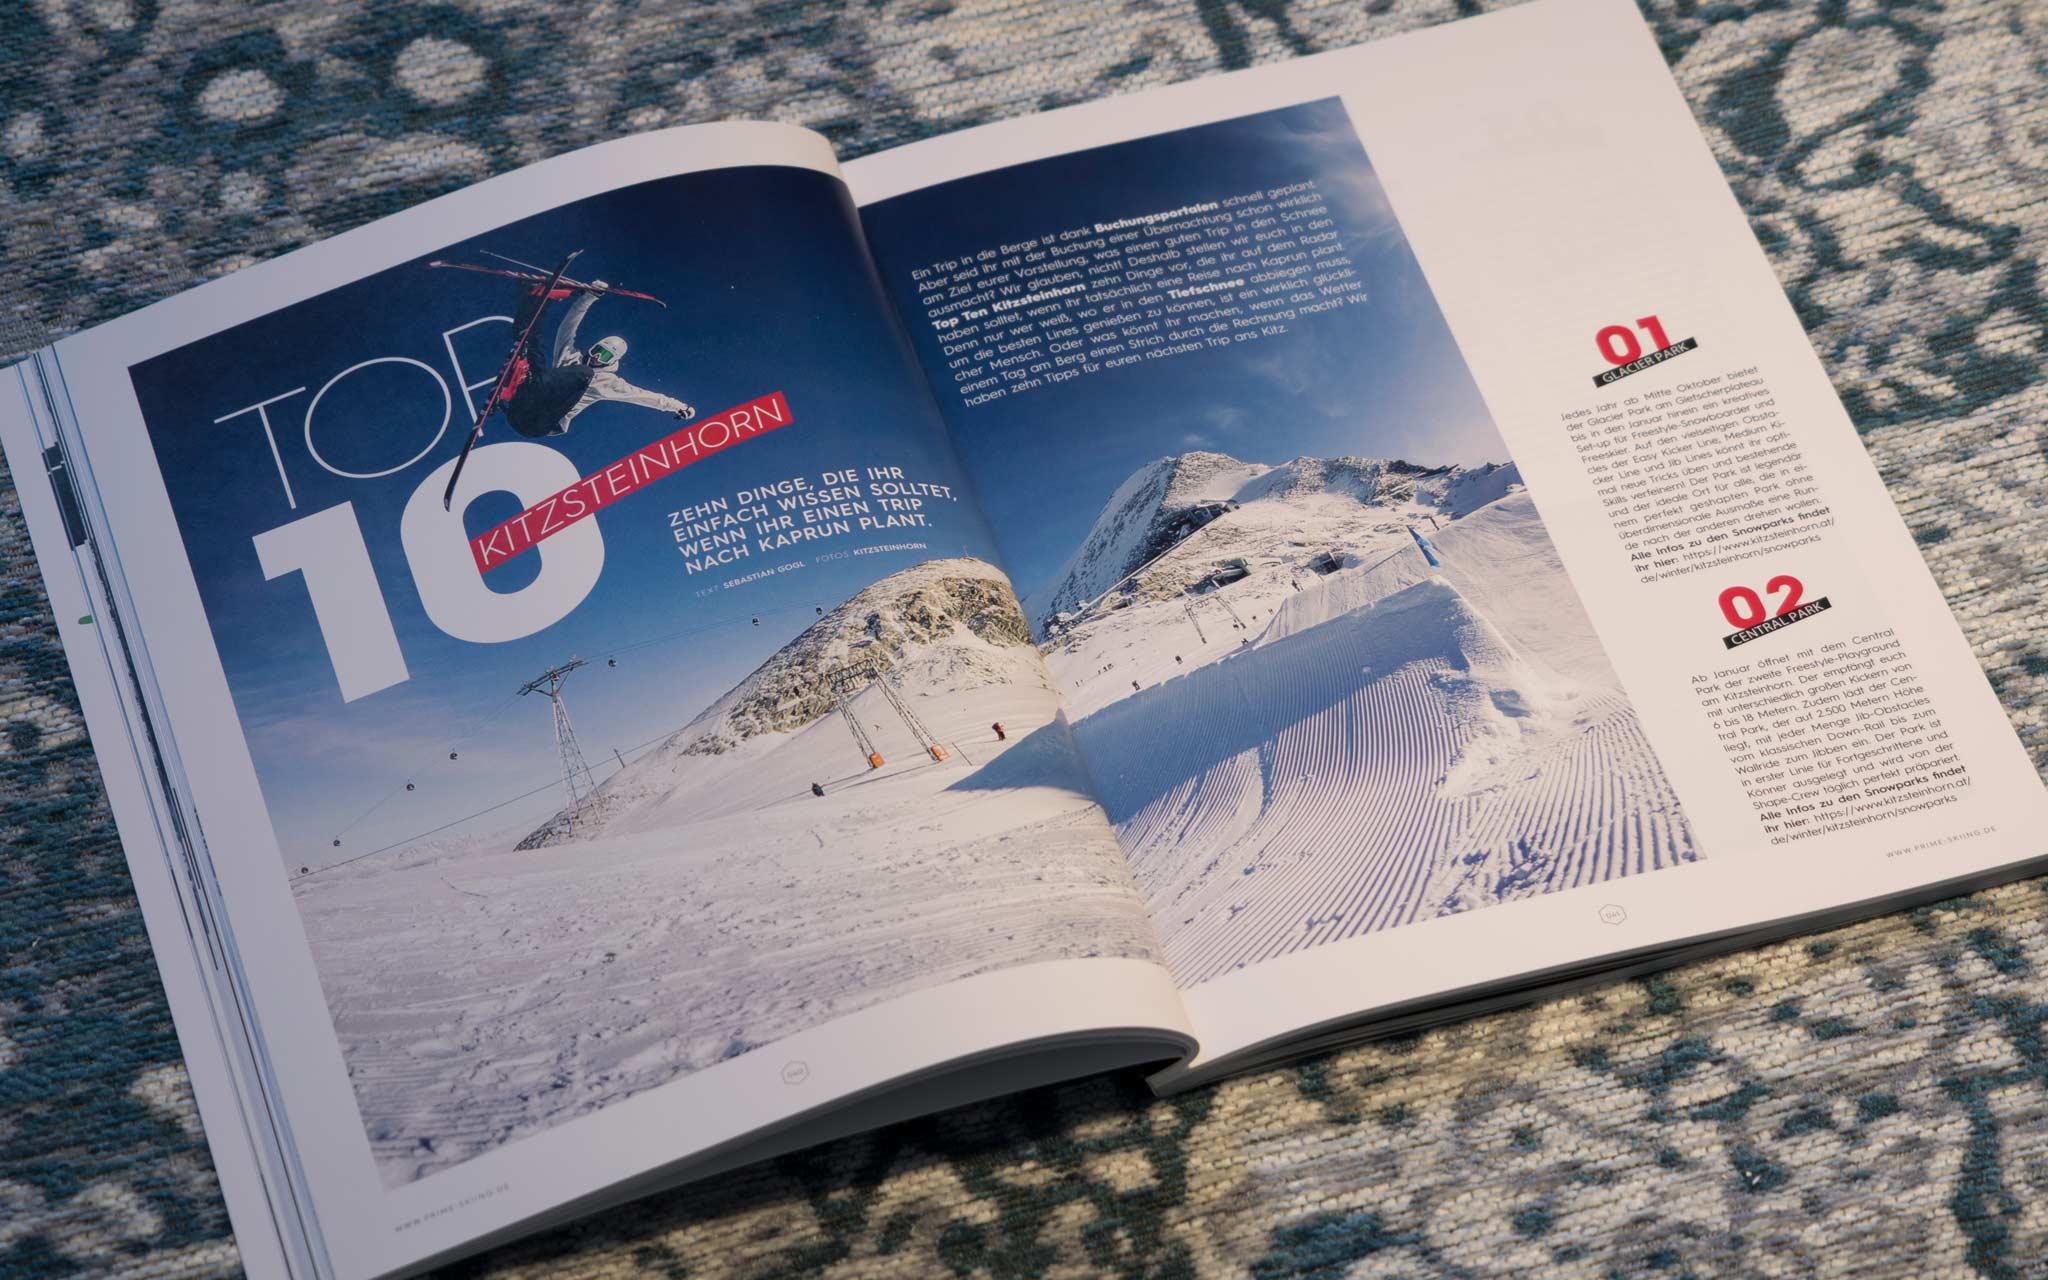 Top 10 - Kitzsteinhorn